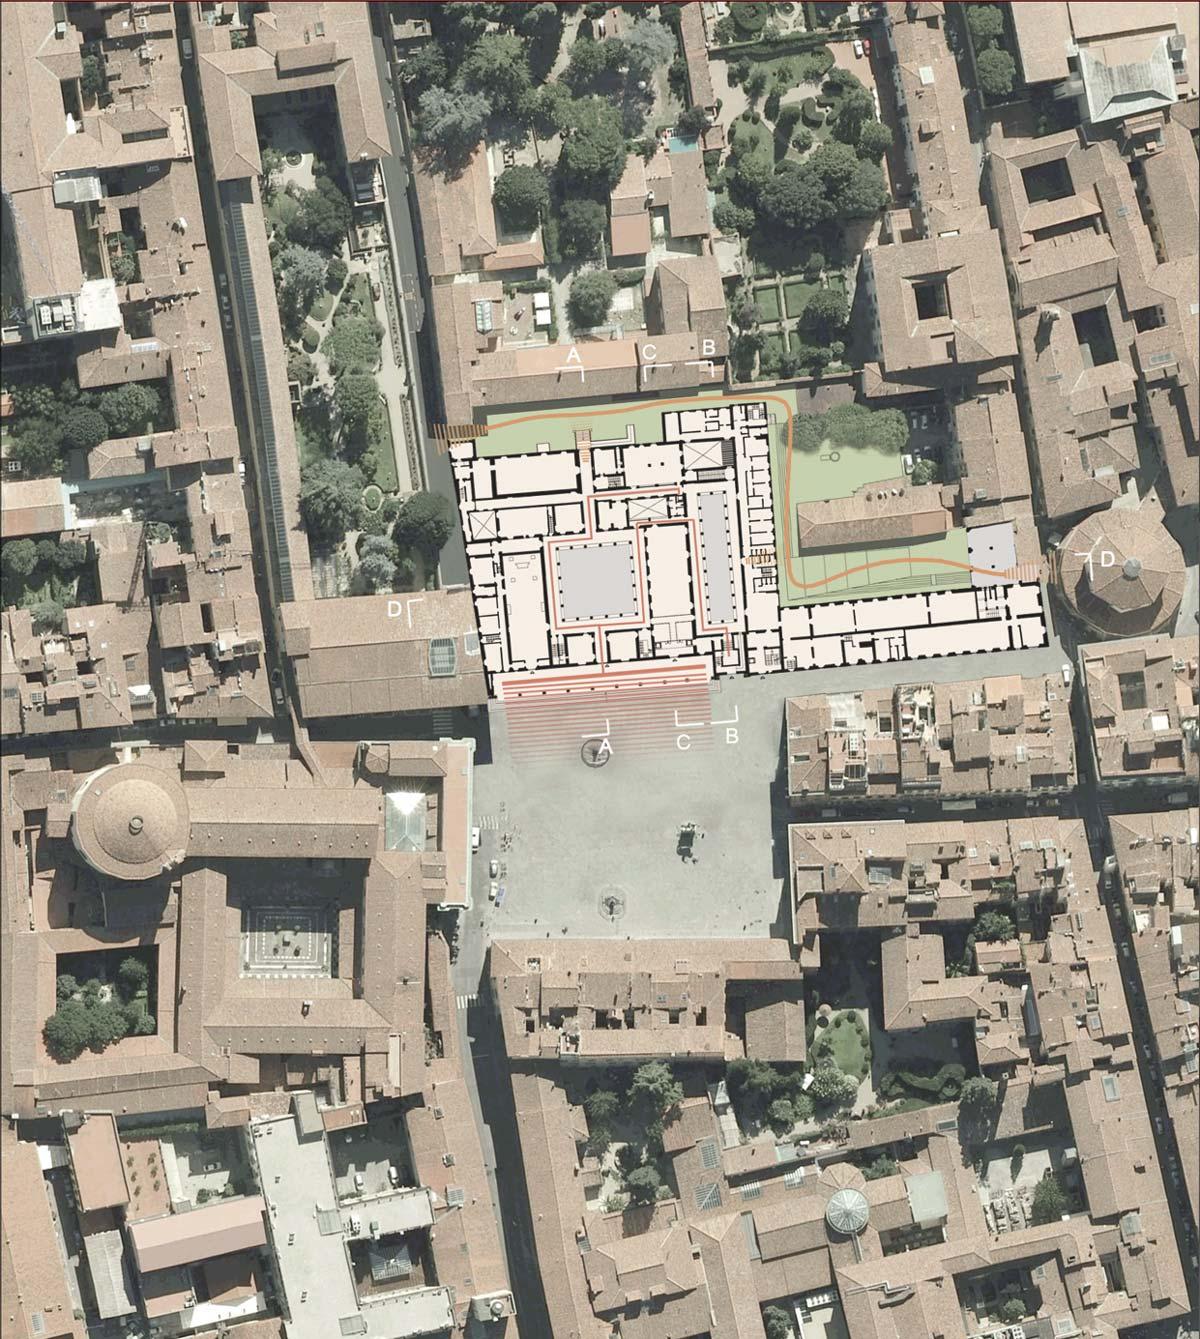 Degli-Esposti-Architetti_Florence-Mudi-Museo-Degli-Innocenti_03